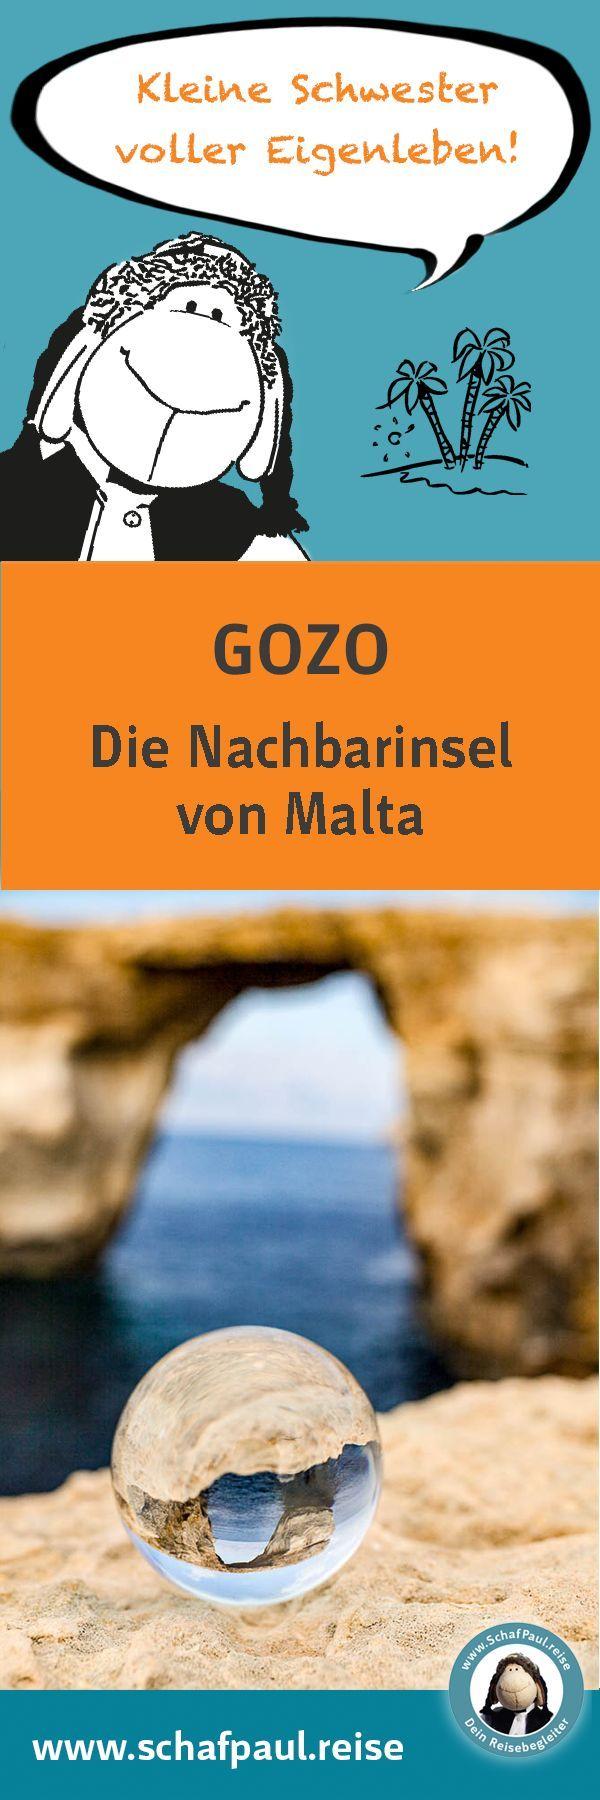 Gozo - Insel-Schwester von Malta und Comino. Gozo bietet Ursprünglichkeit mit ganz viel Geschichte. Zahlreiche Aktivitäten an Land, auf und im Wasser: Mountainbike, Paddeln, Tauchen. Schlemmen - geht hervorragend!  Danach ab an den Strand oder Englisch aufpolieren … Besucht meine Reiseroute mit allen besuchten Stationen! #Gozo #maltesischeInseln #Kulinarik #Genuss #Sport #Aktivitaet #Sprachschule #Tauchen #entspannen #Strand #Urlaub #Mountainbiketor #Paddeln #Tauchen #AzureWindow